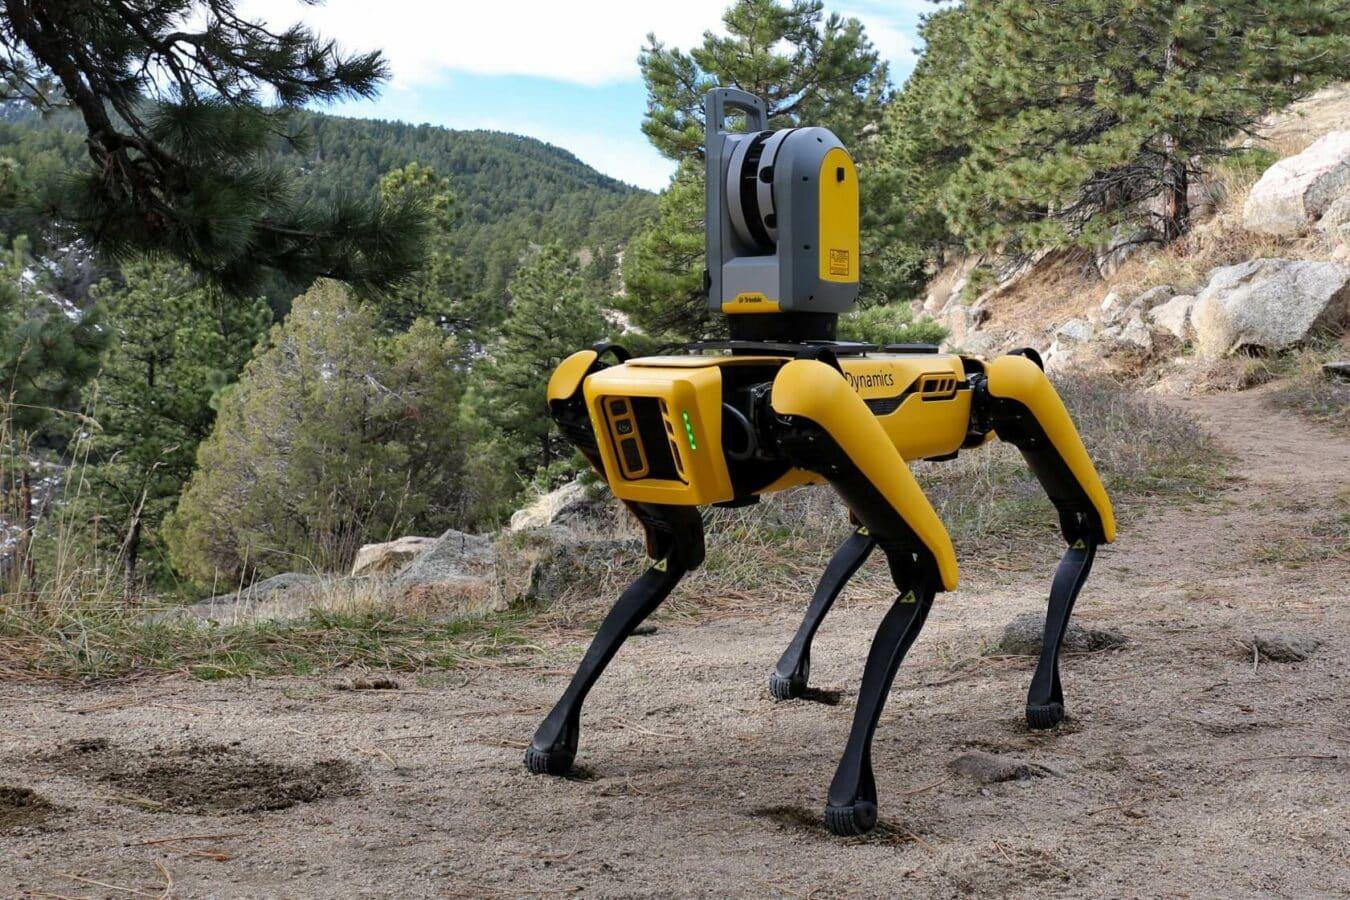 robot-chien-spot-boston-dynamics-kit-de-developpement